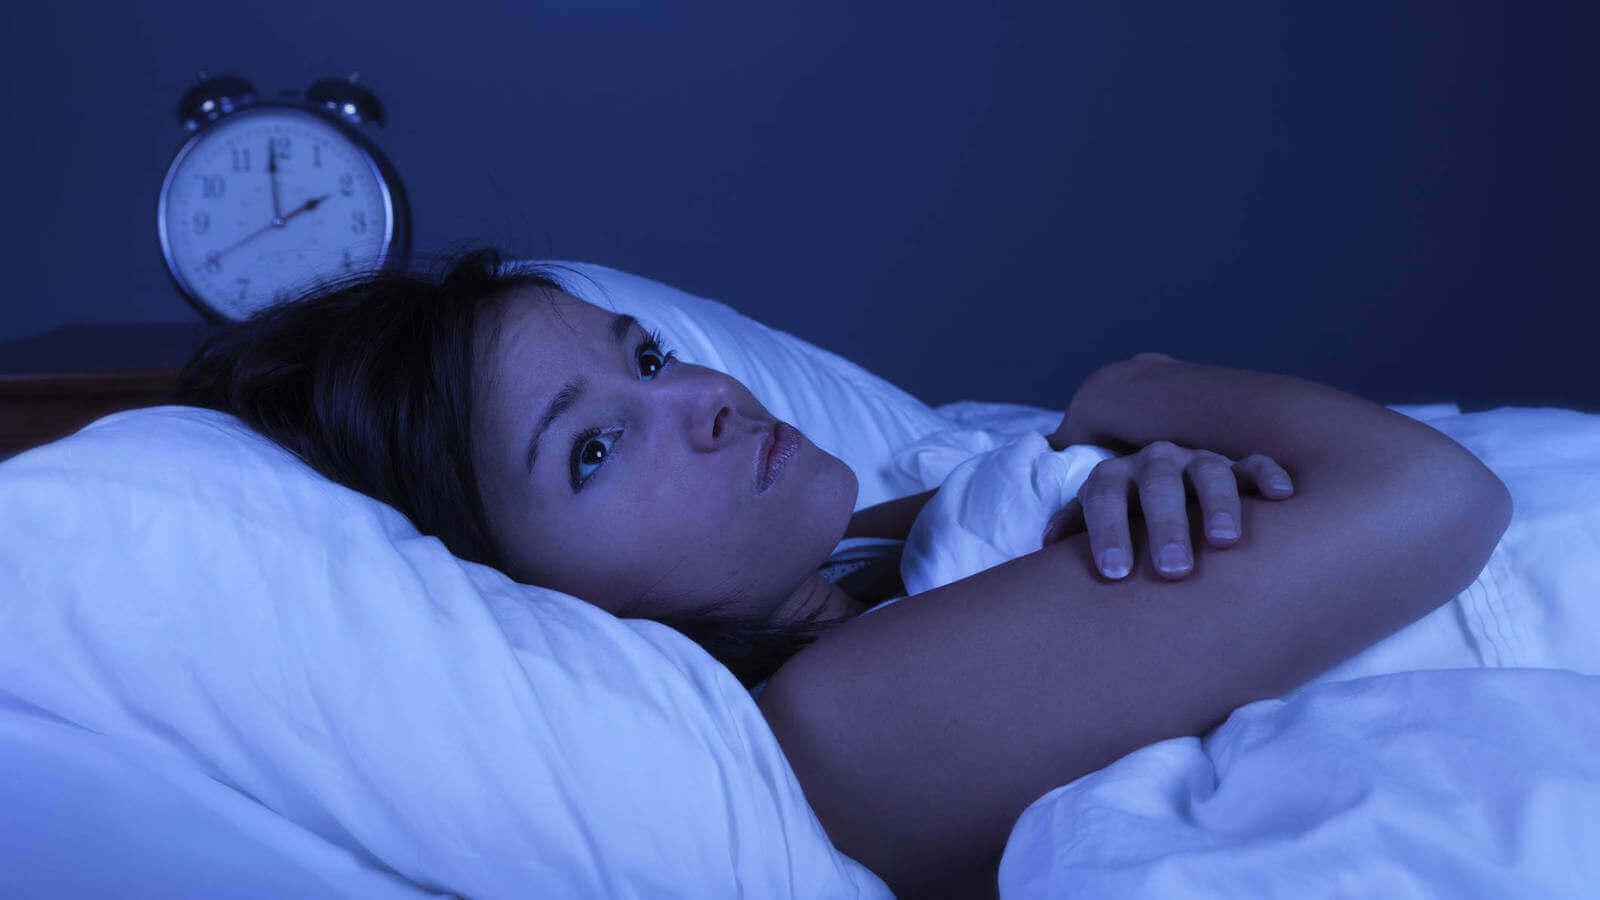 ускладнення, пов'язані із захворюваннями щитоподібної залози